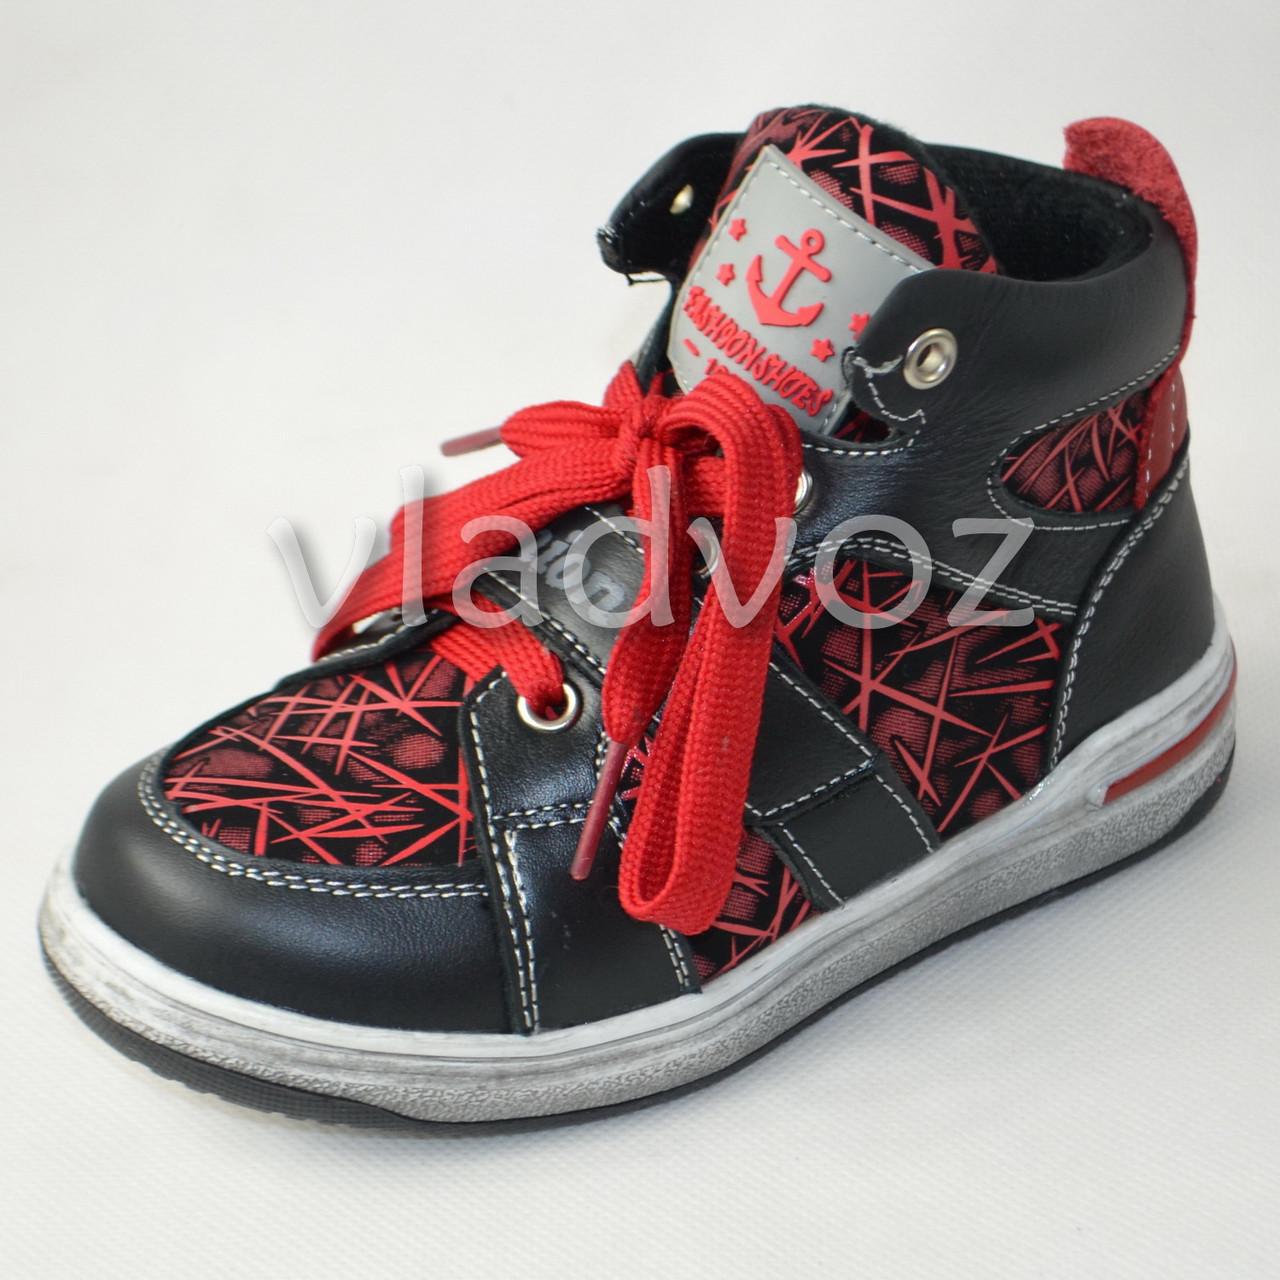 Демисезонные ботинки для мальчика красные Bessky 31р. - интернет магазин vladvoz.in.ua мтс 0664476900, киевстар 0977864700, лайф 0933641800 в Николаевской области